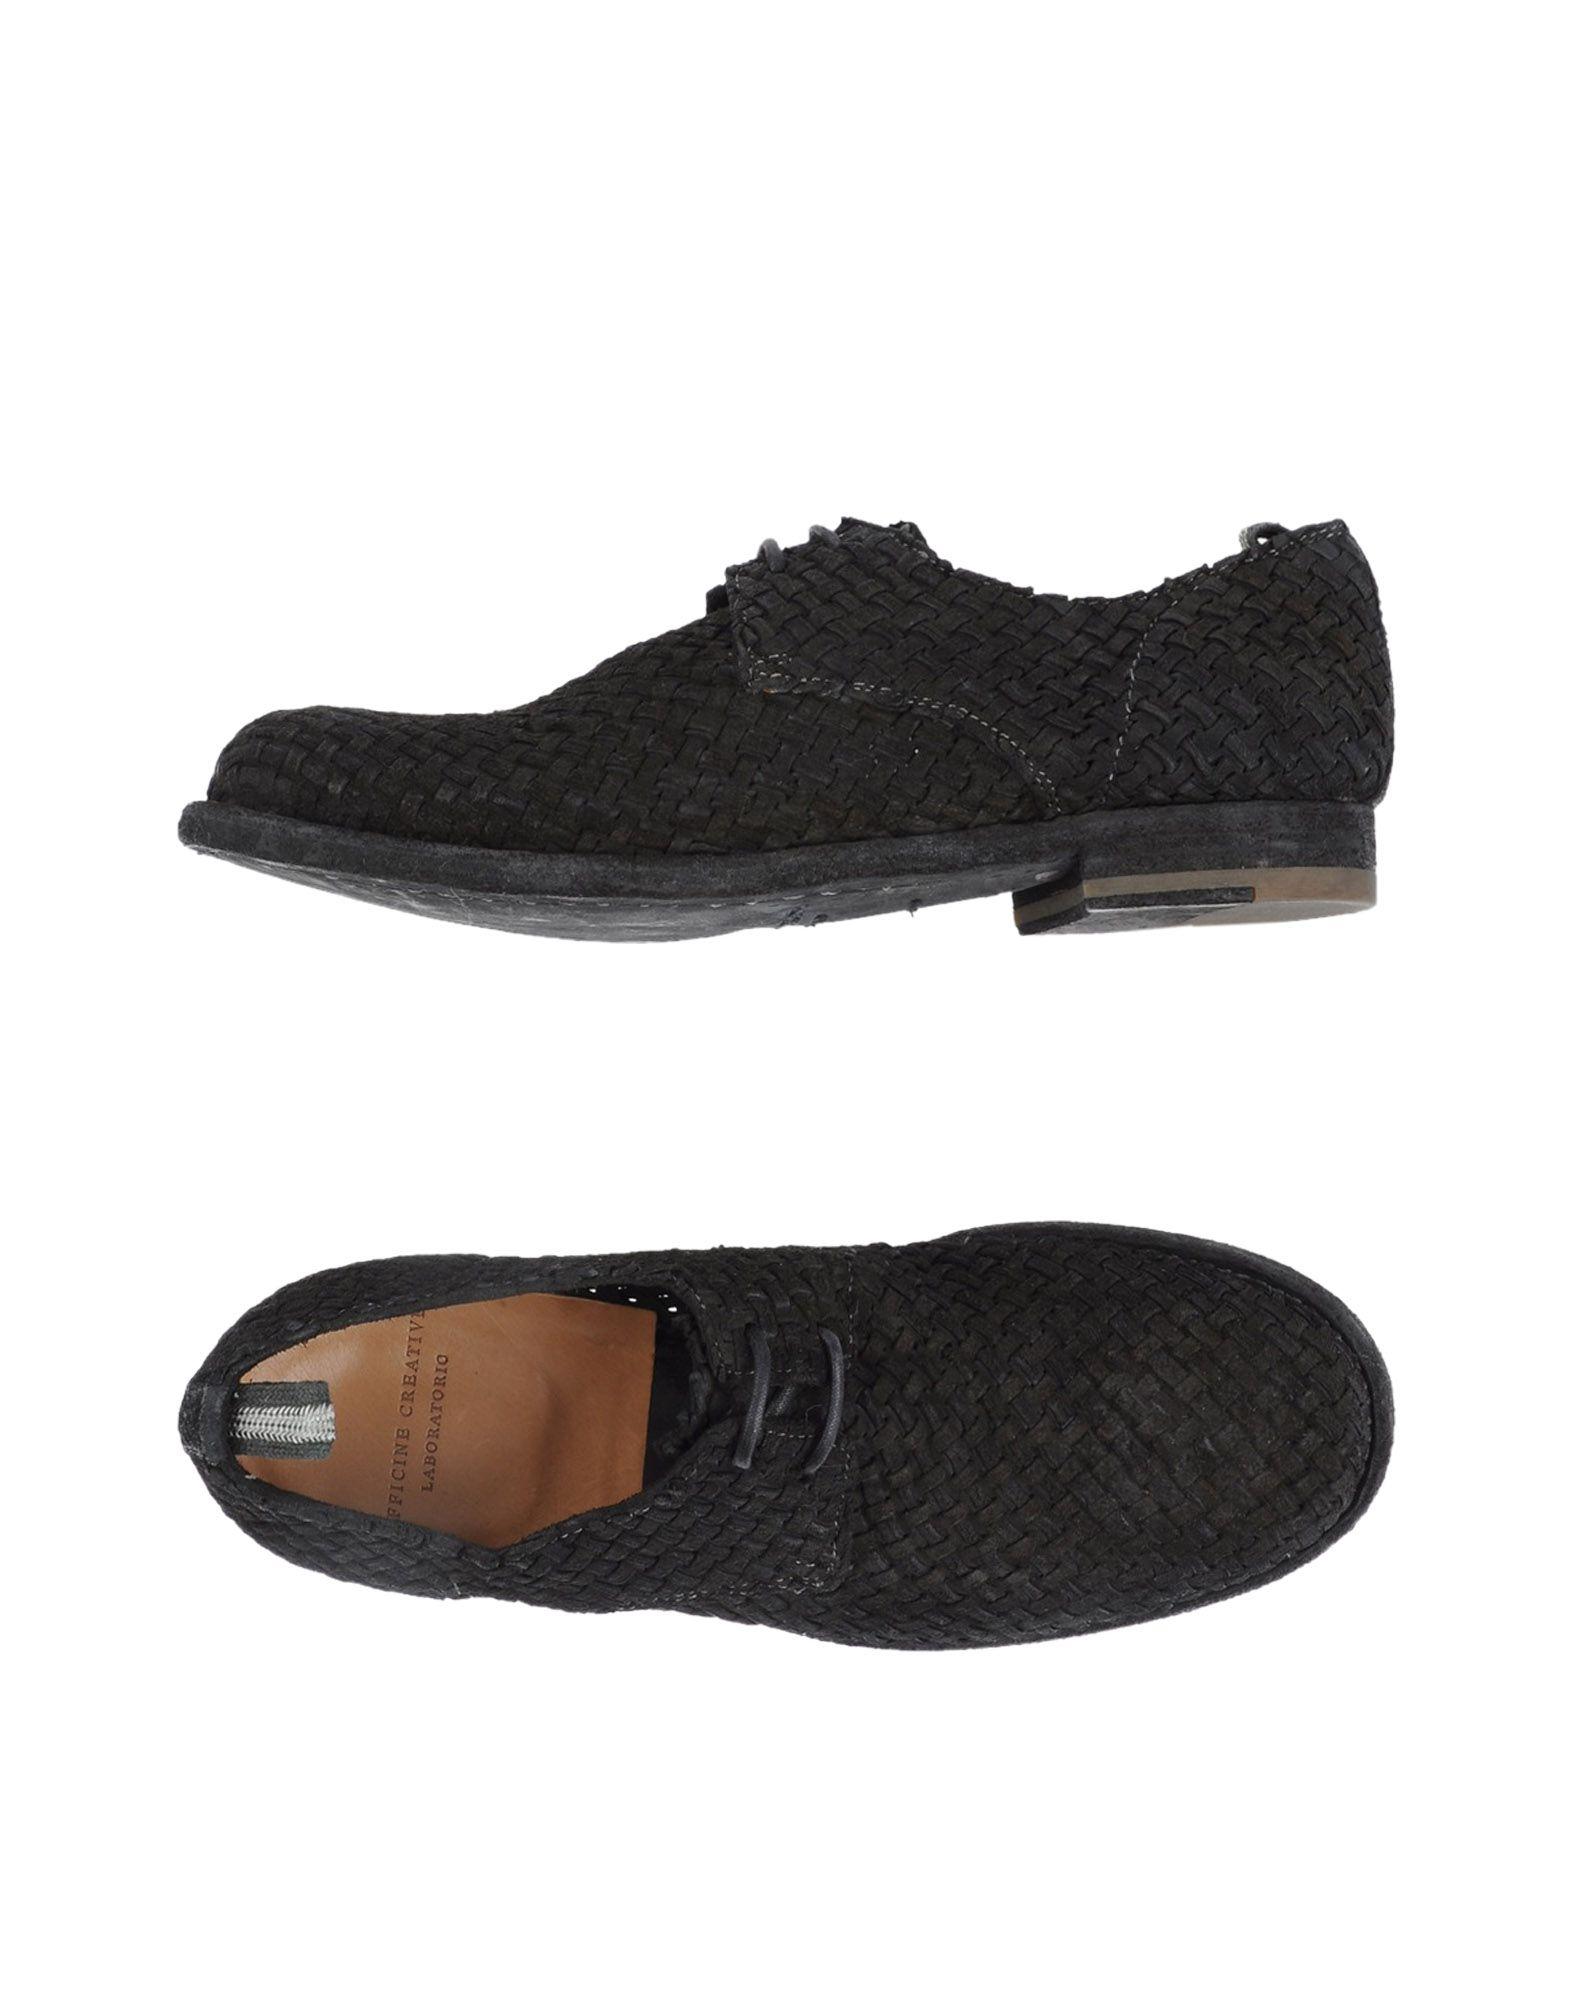 Officine Creative Italia Schnürschuhe Damen Neue  11333041MV Neue Damen Schuhe a4e24c